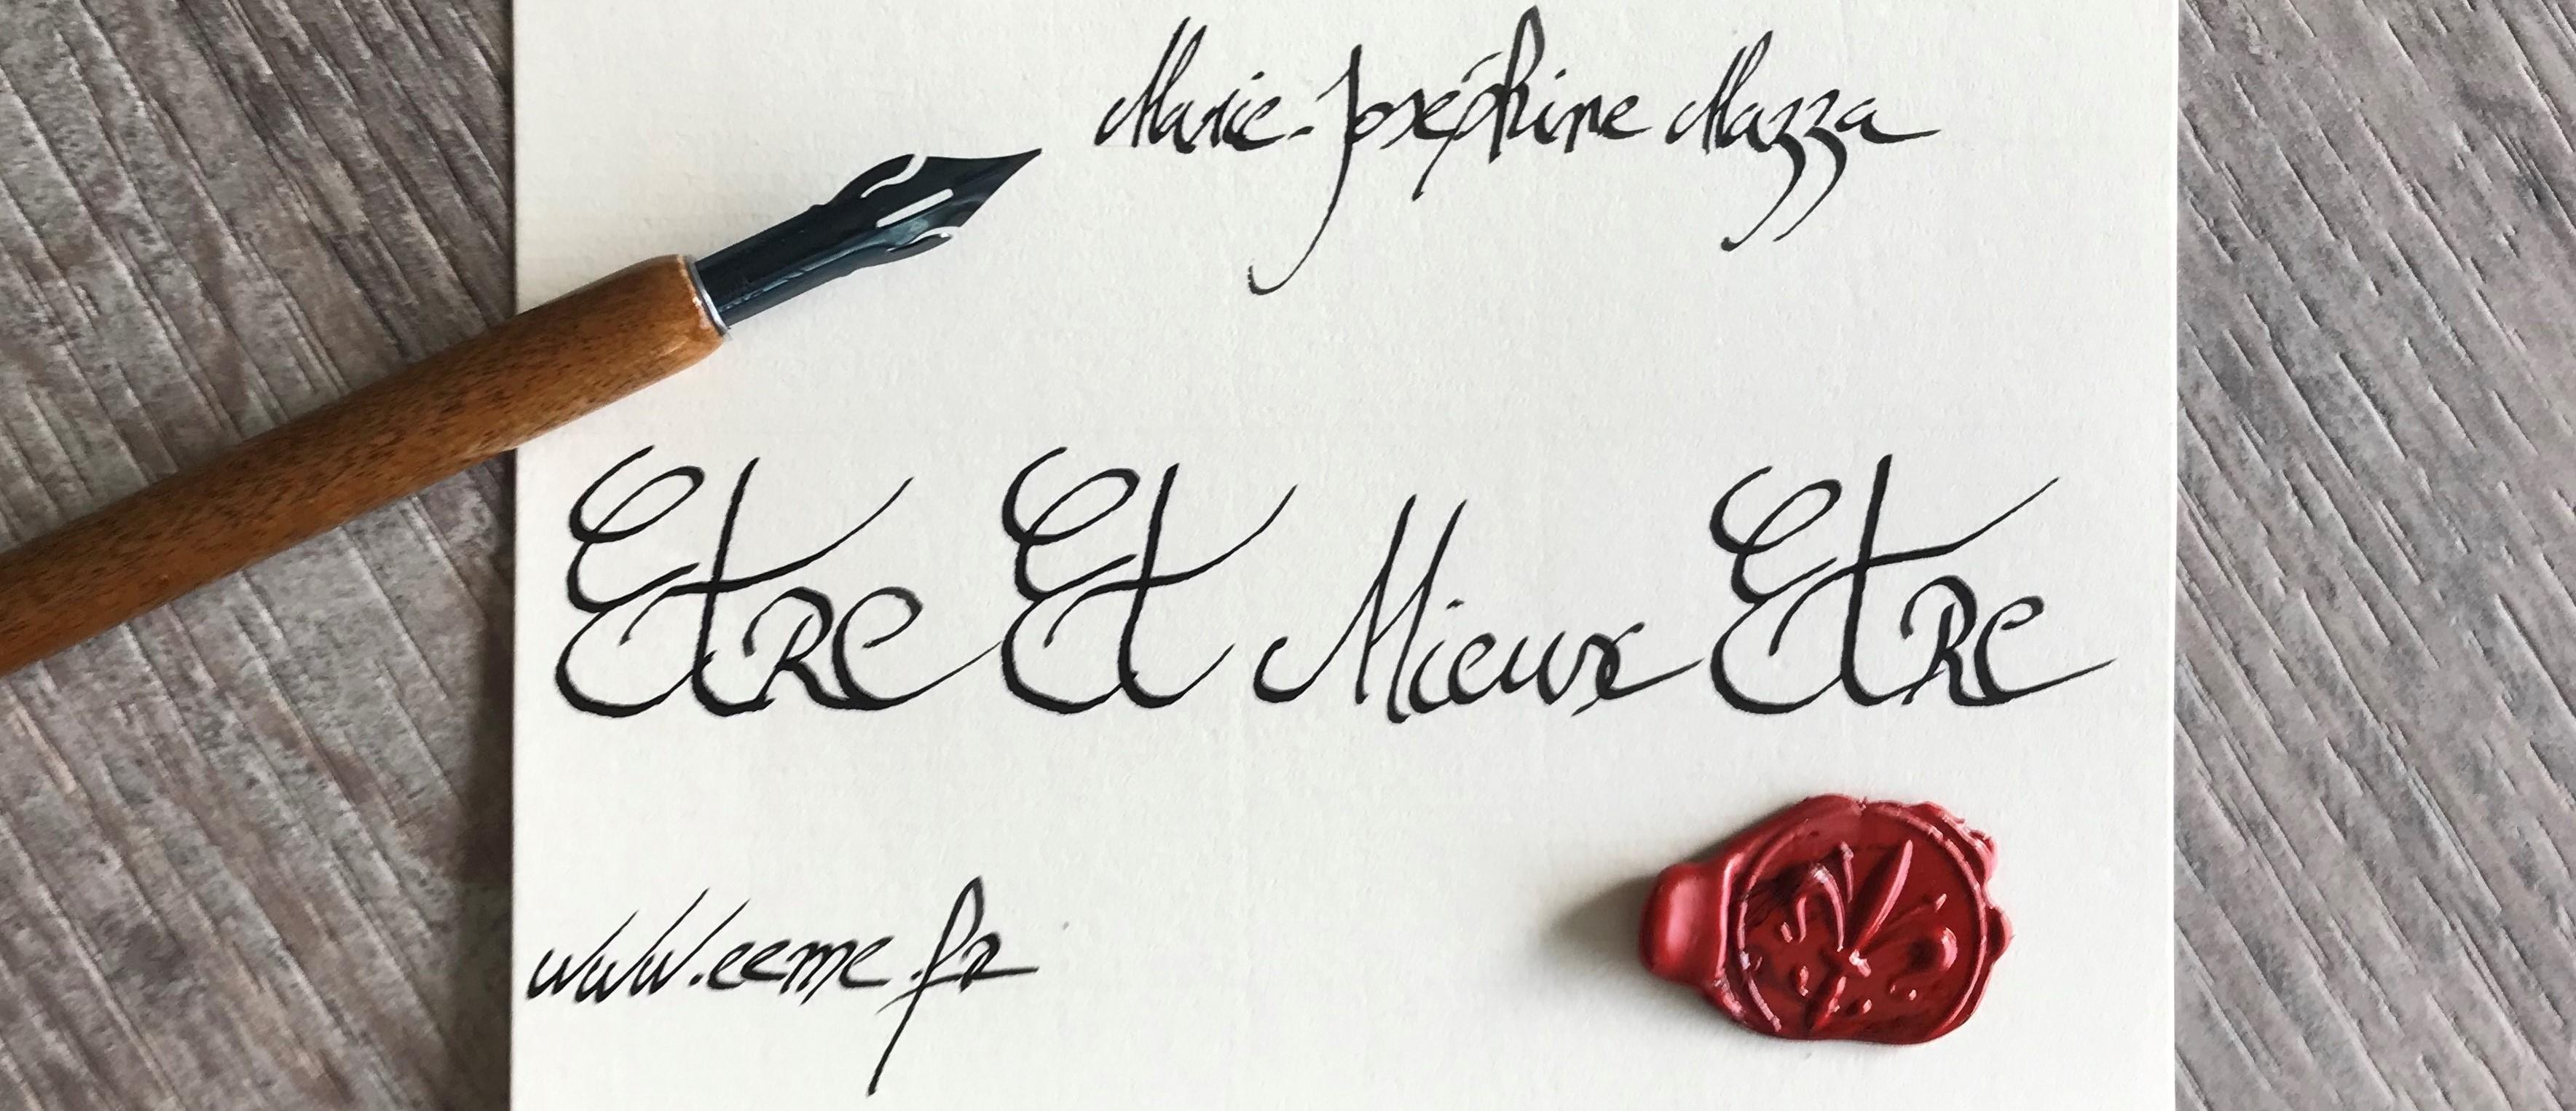 EEME - Ecrire pour aller mieux